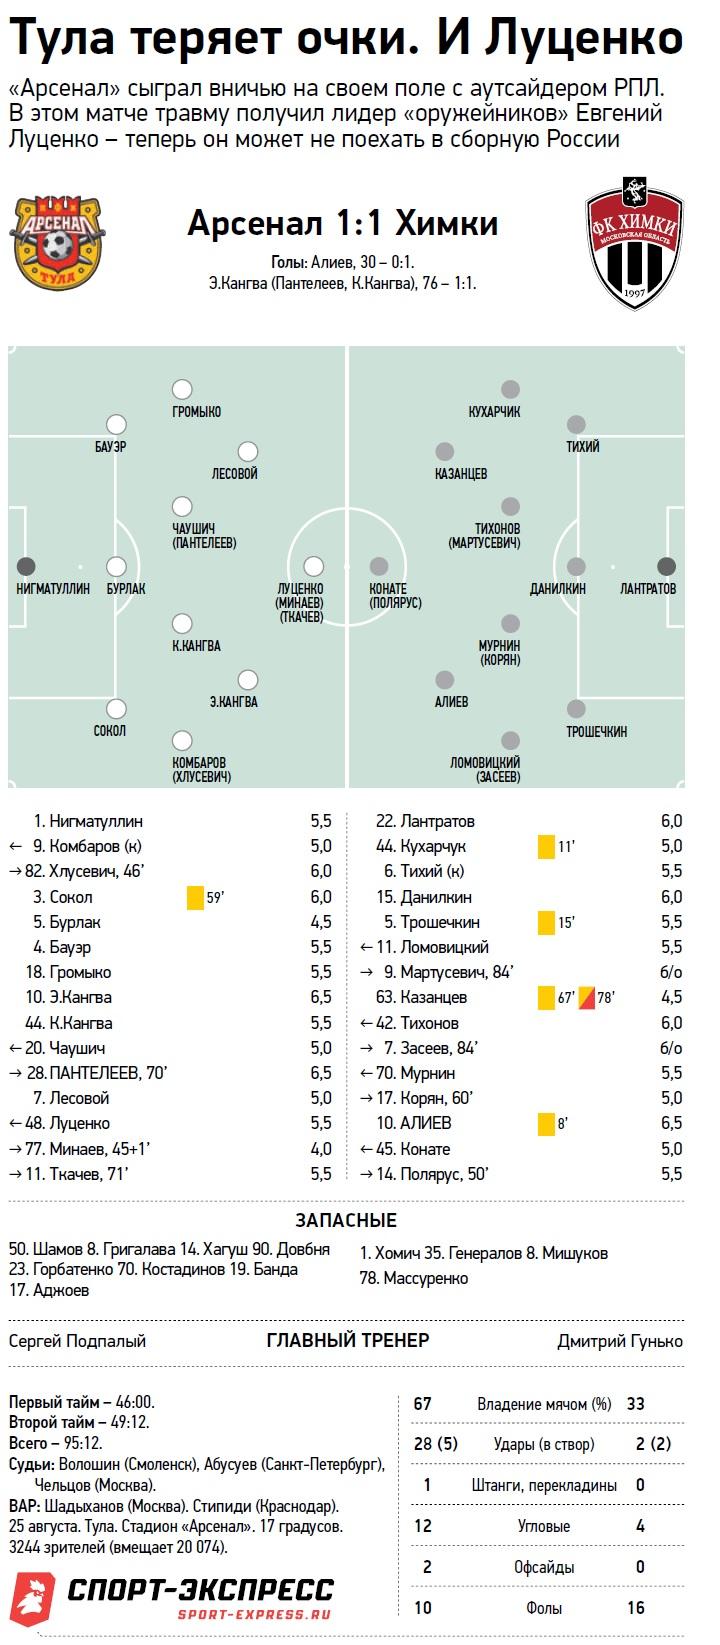 Арсенал (Тула) - Химки (Химки) 1:1